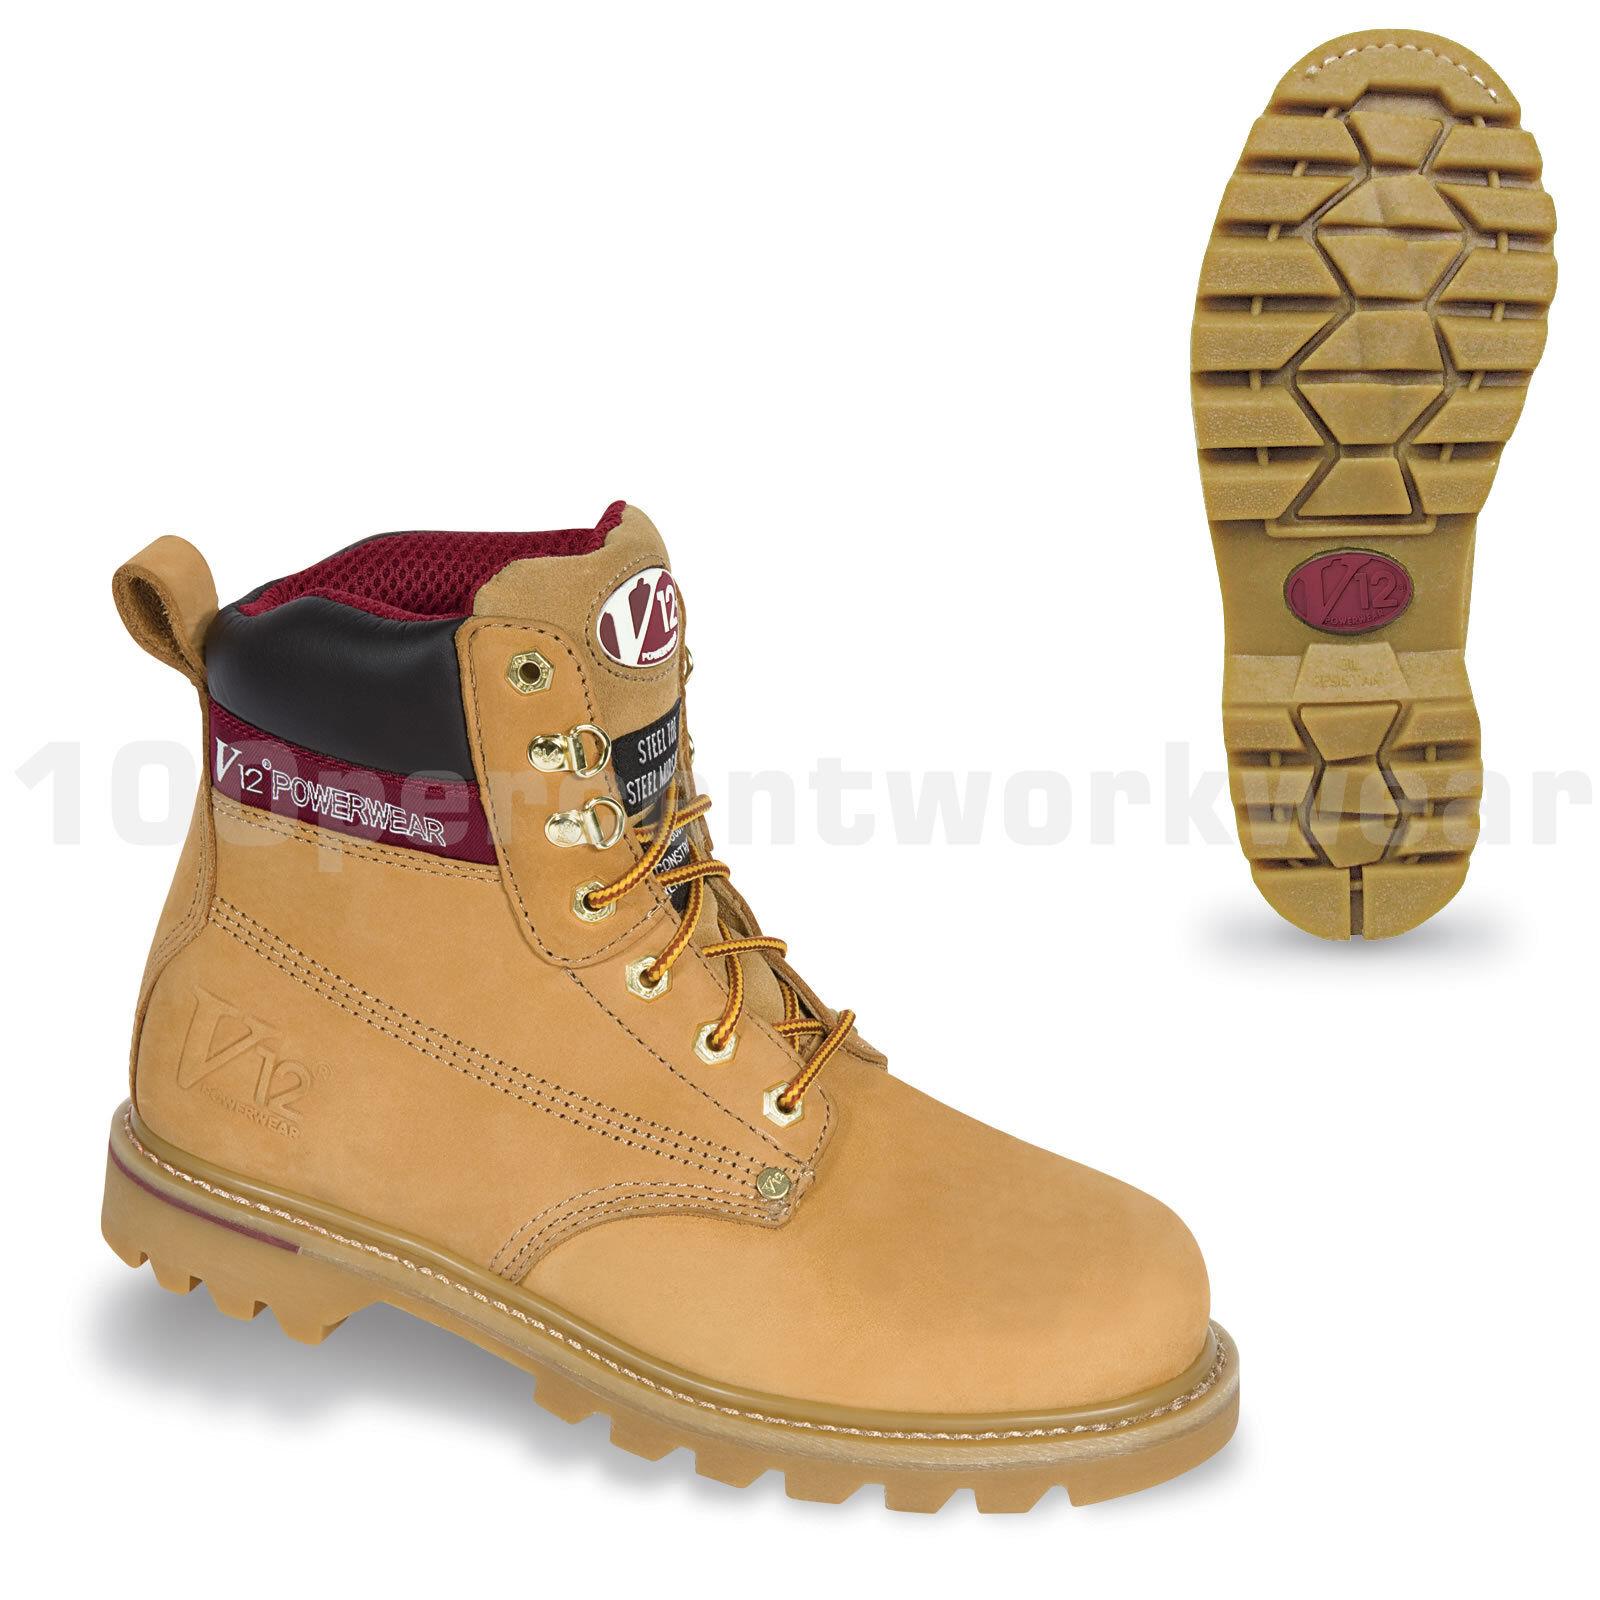 V12 Safety Footwear V1237 BOULDER Work Boots Honey Nubuck Leather Steel Toe Cap